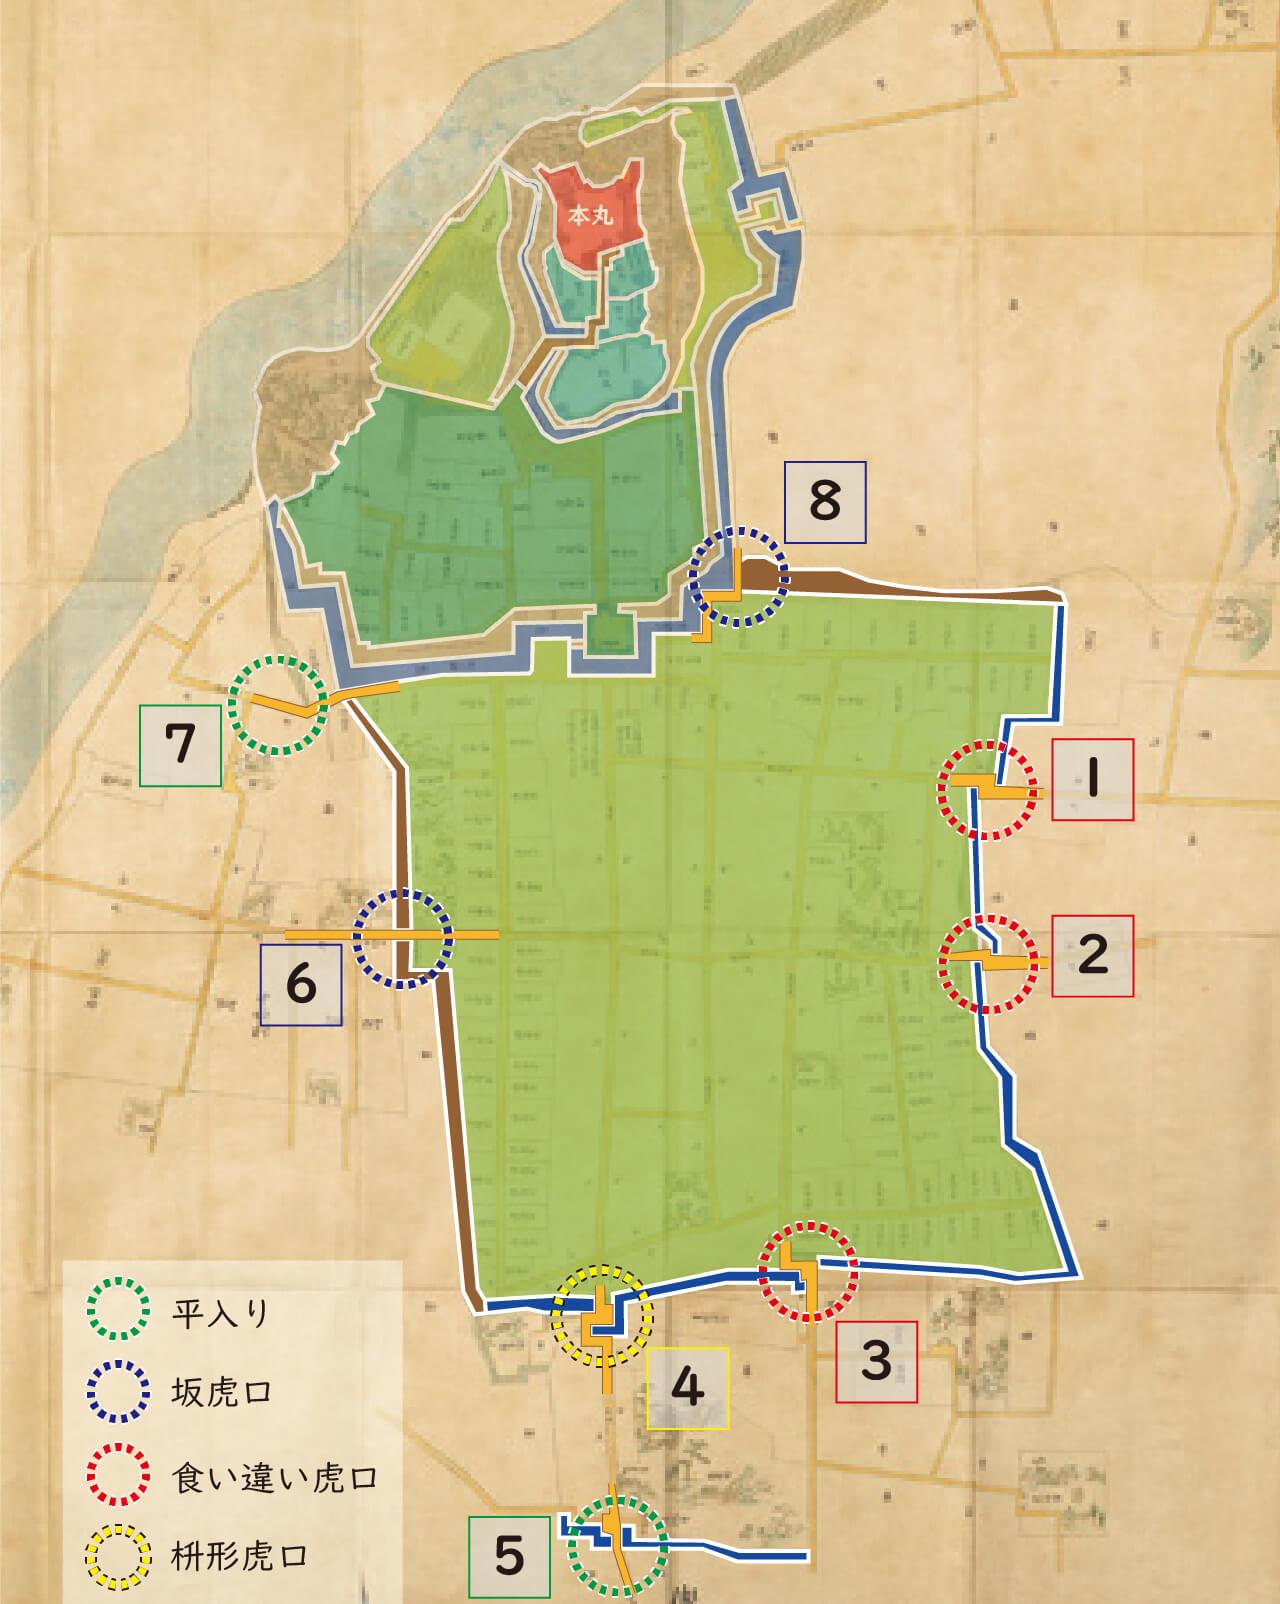 江戸時代の犬山城と犬山城下町の図。丸で囲ったところが城下町の出入口